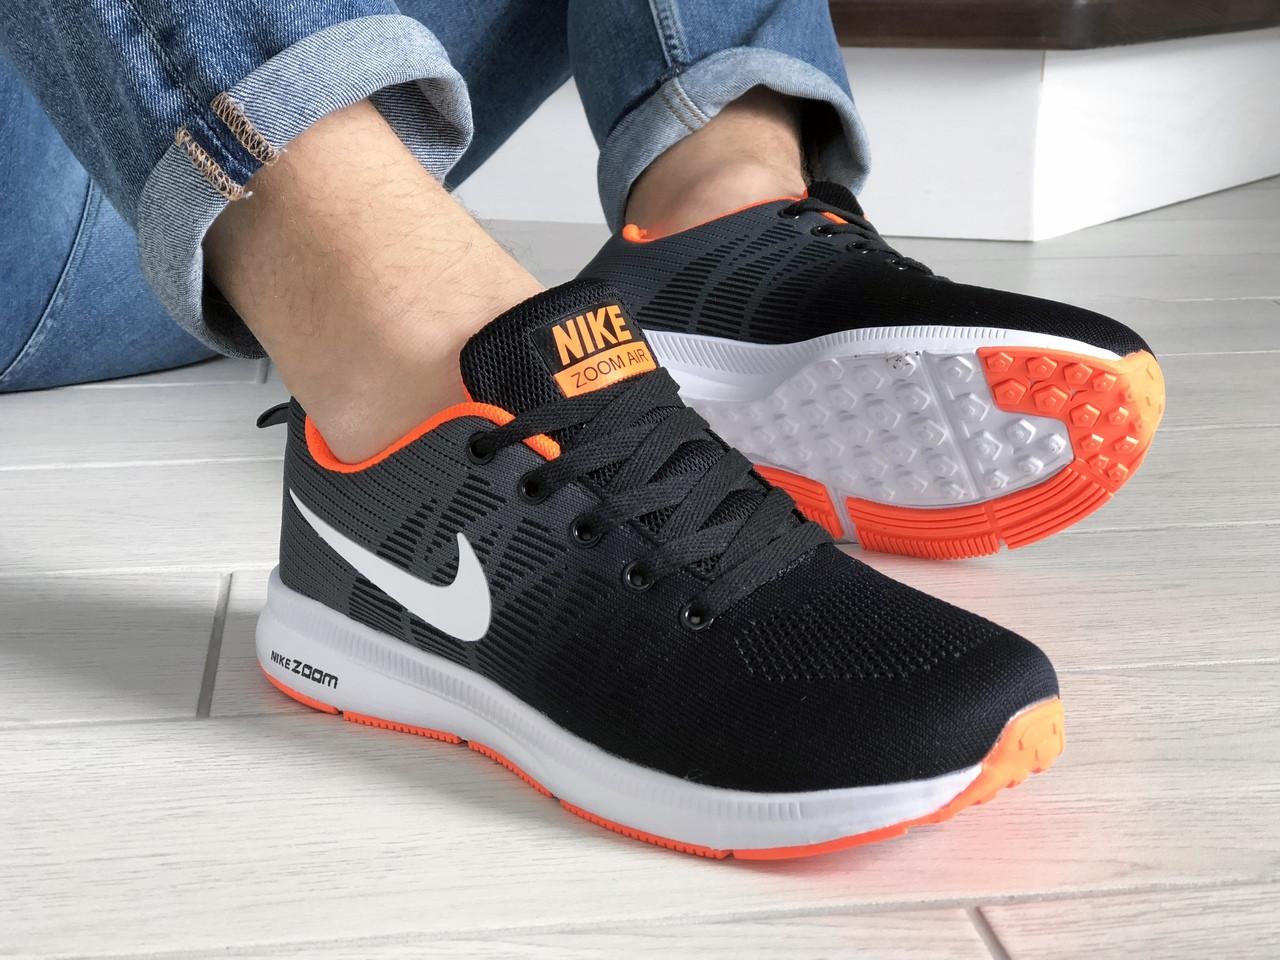 Чоловічі кросівки Nike ZOOM (чорно-білі з помаранчевим) 9247